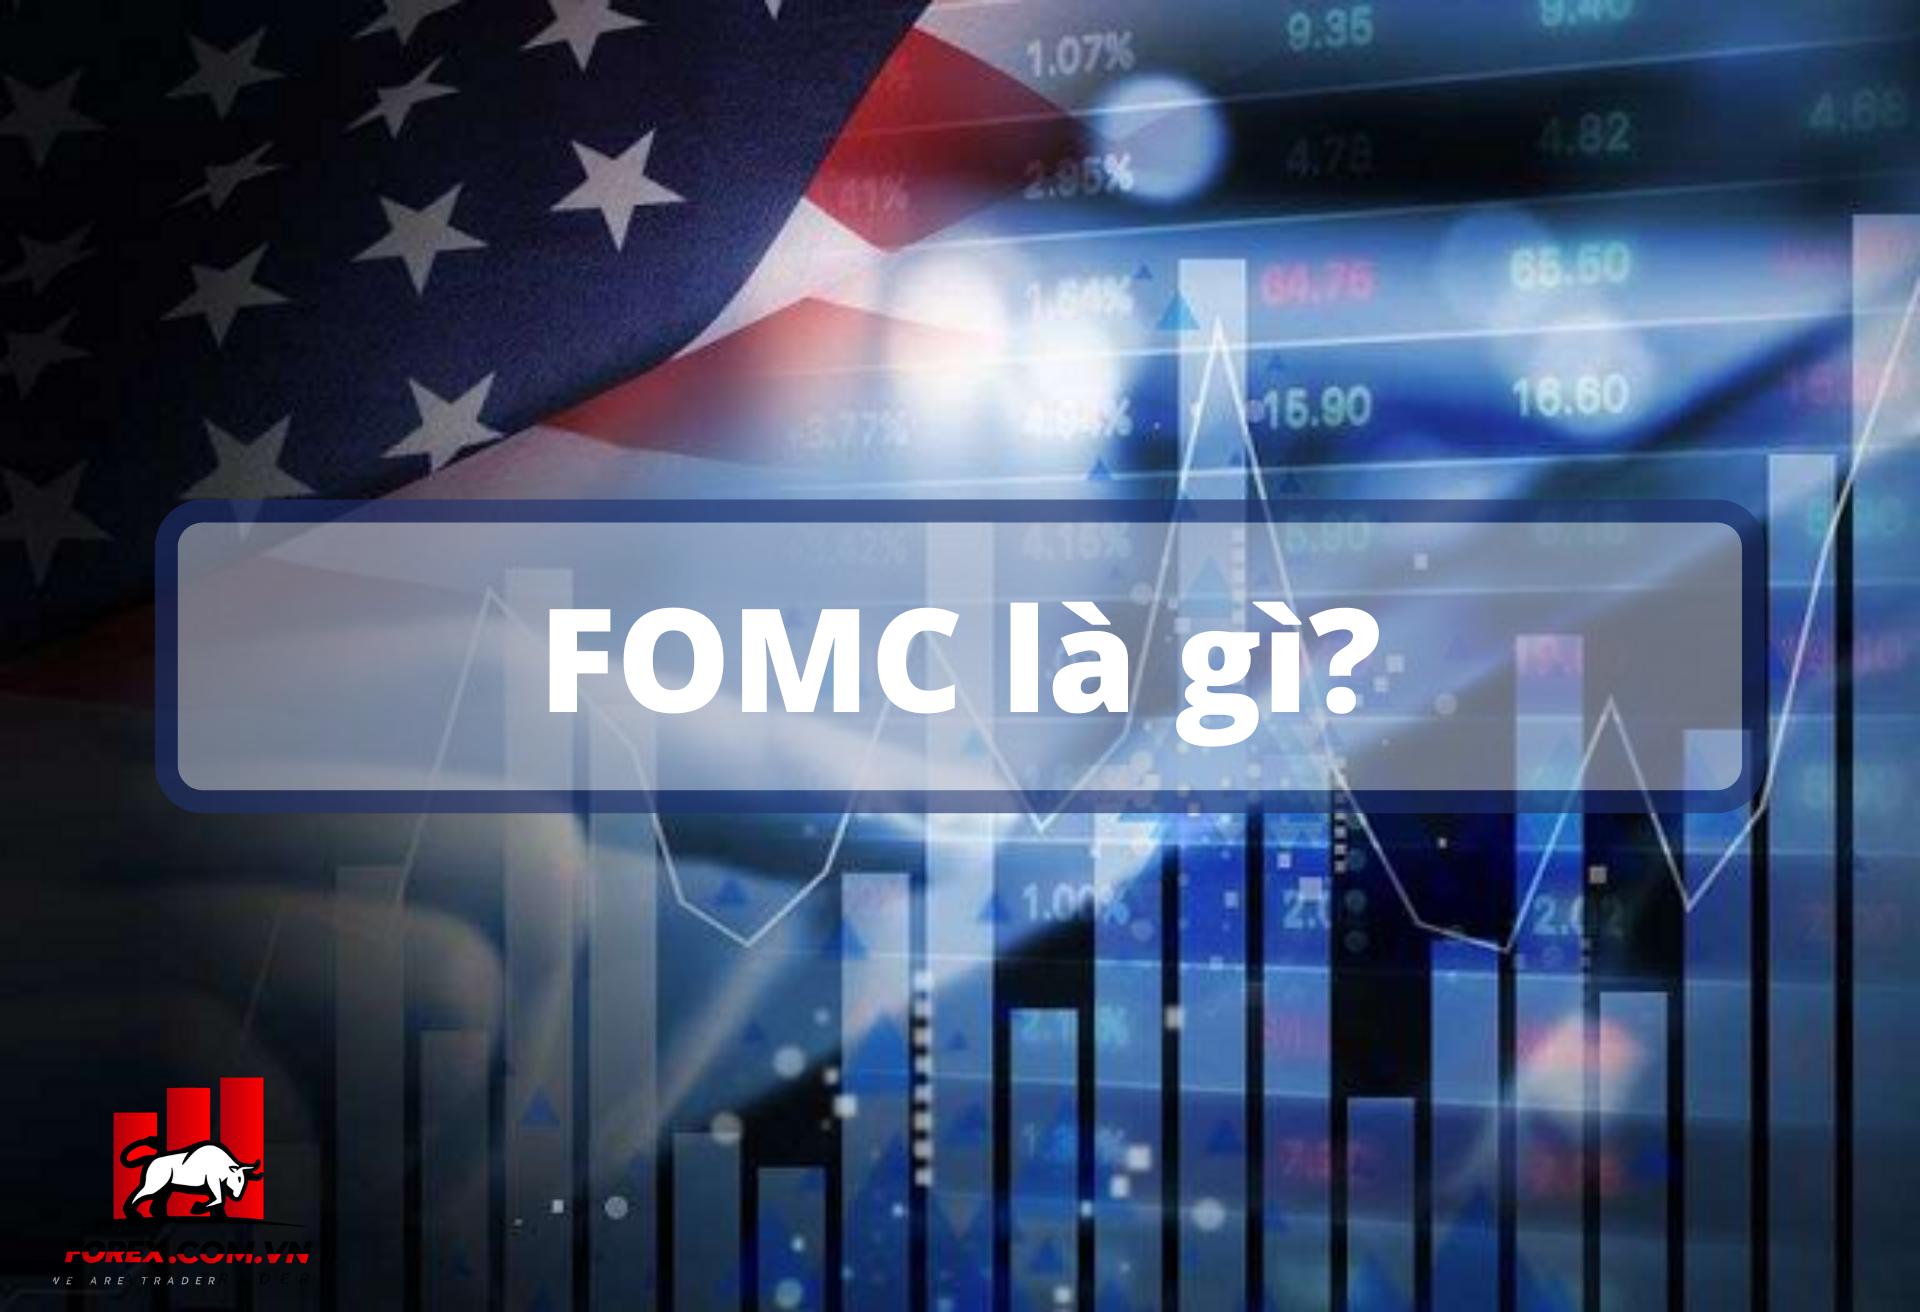 FOMC là gì